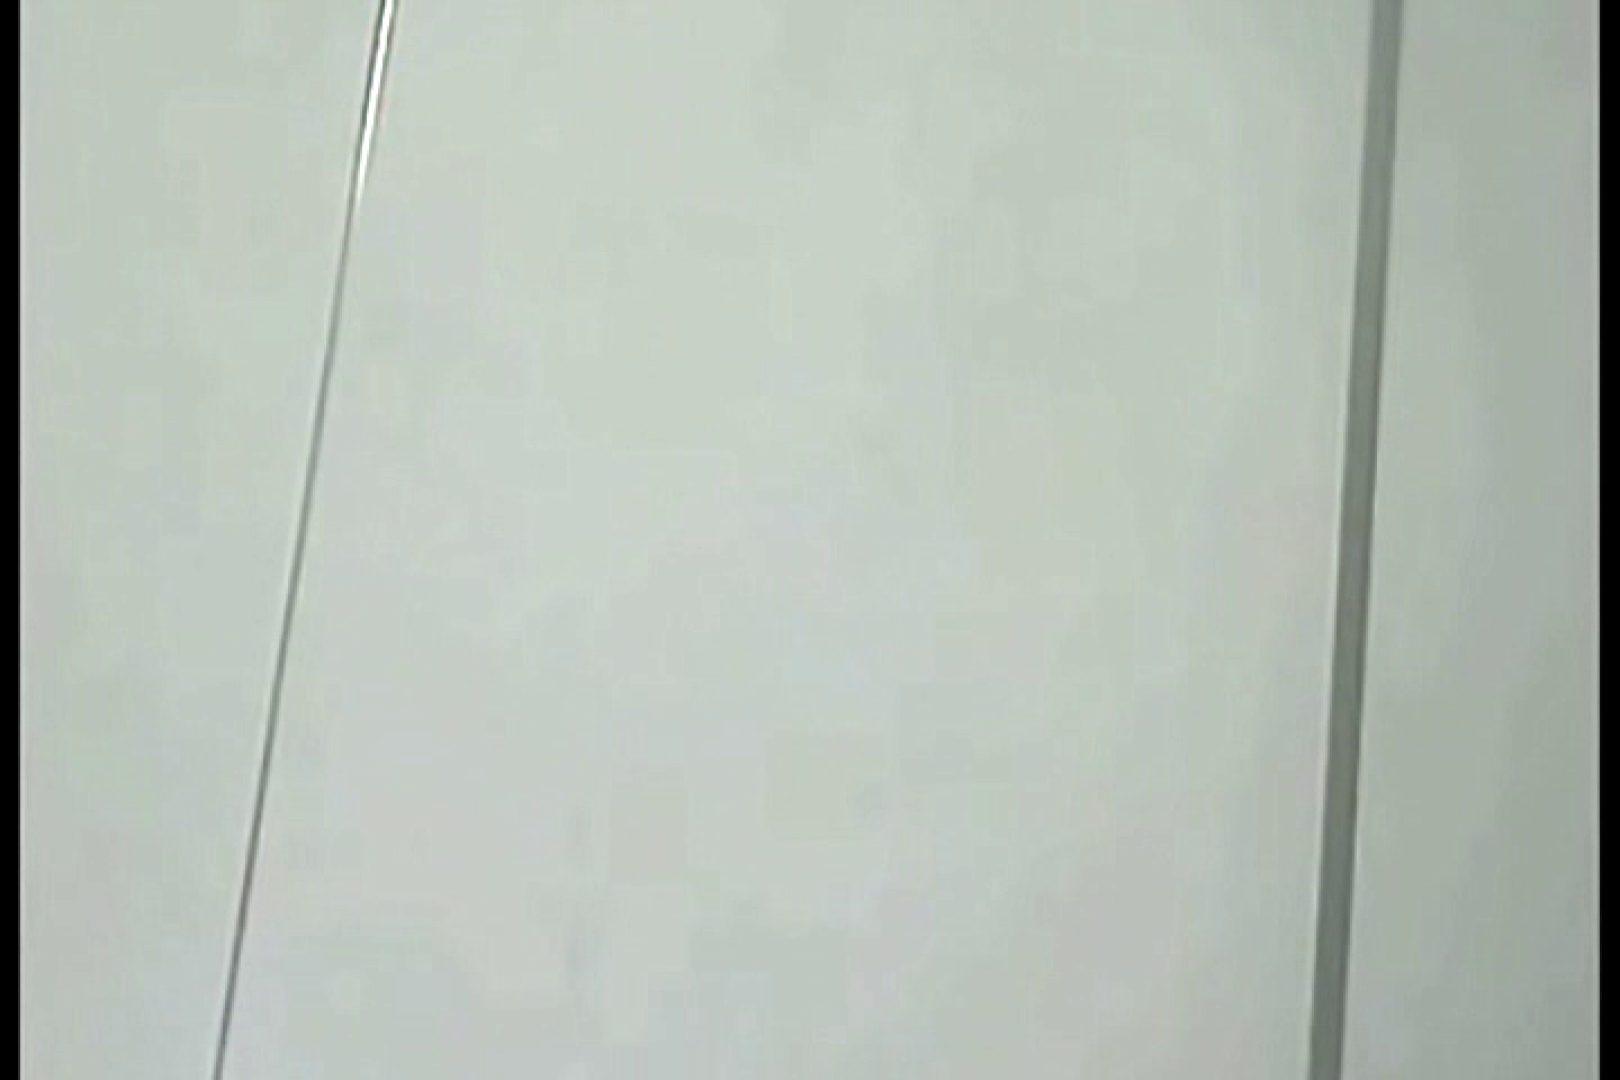 ぼっとん洗面所スペシャルVol.10 おまんこ無修正 | OLセックス  61画像 25